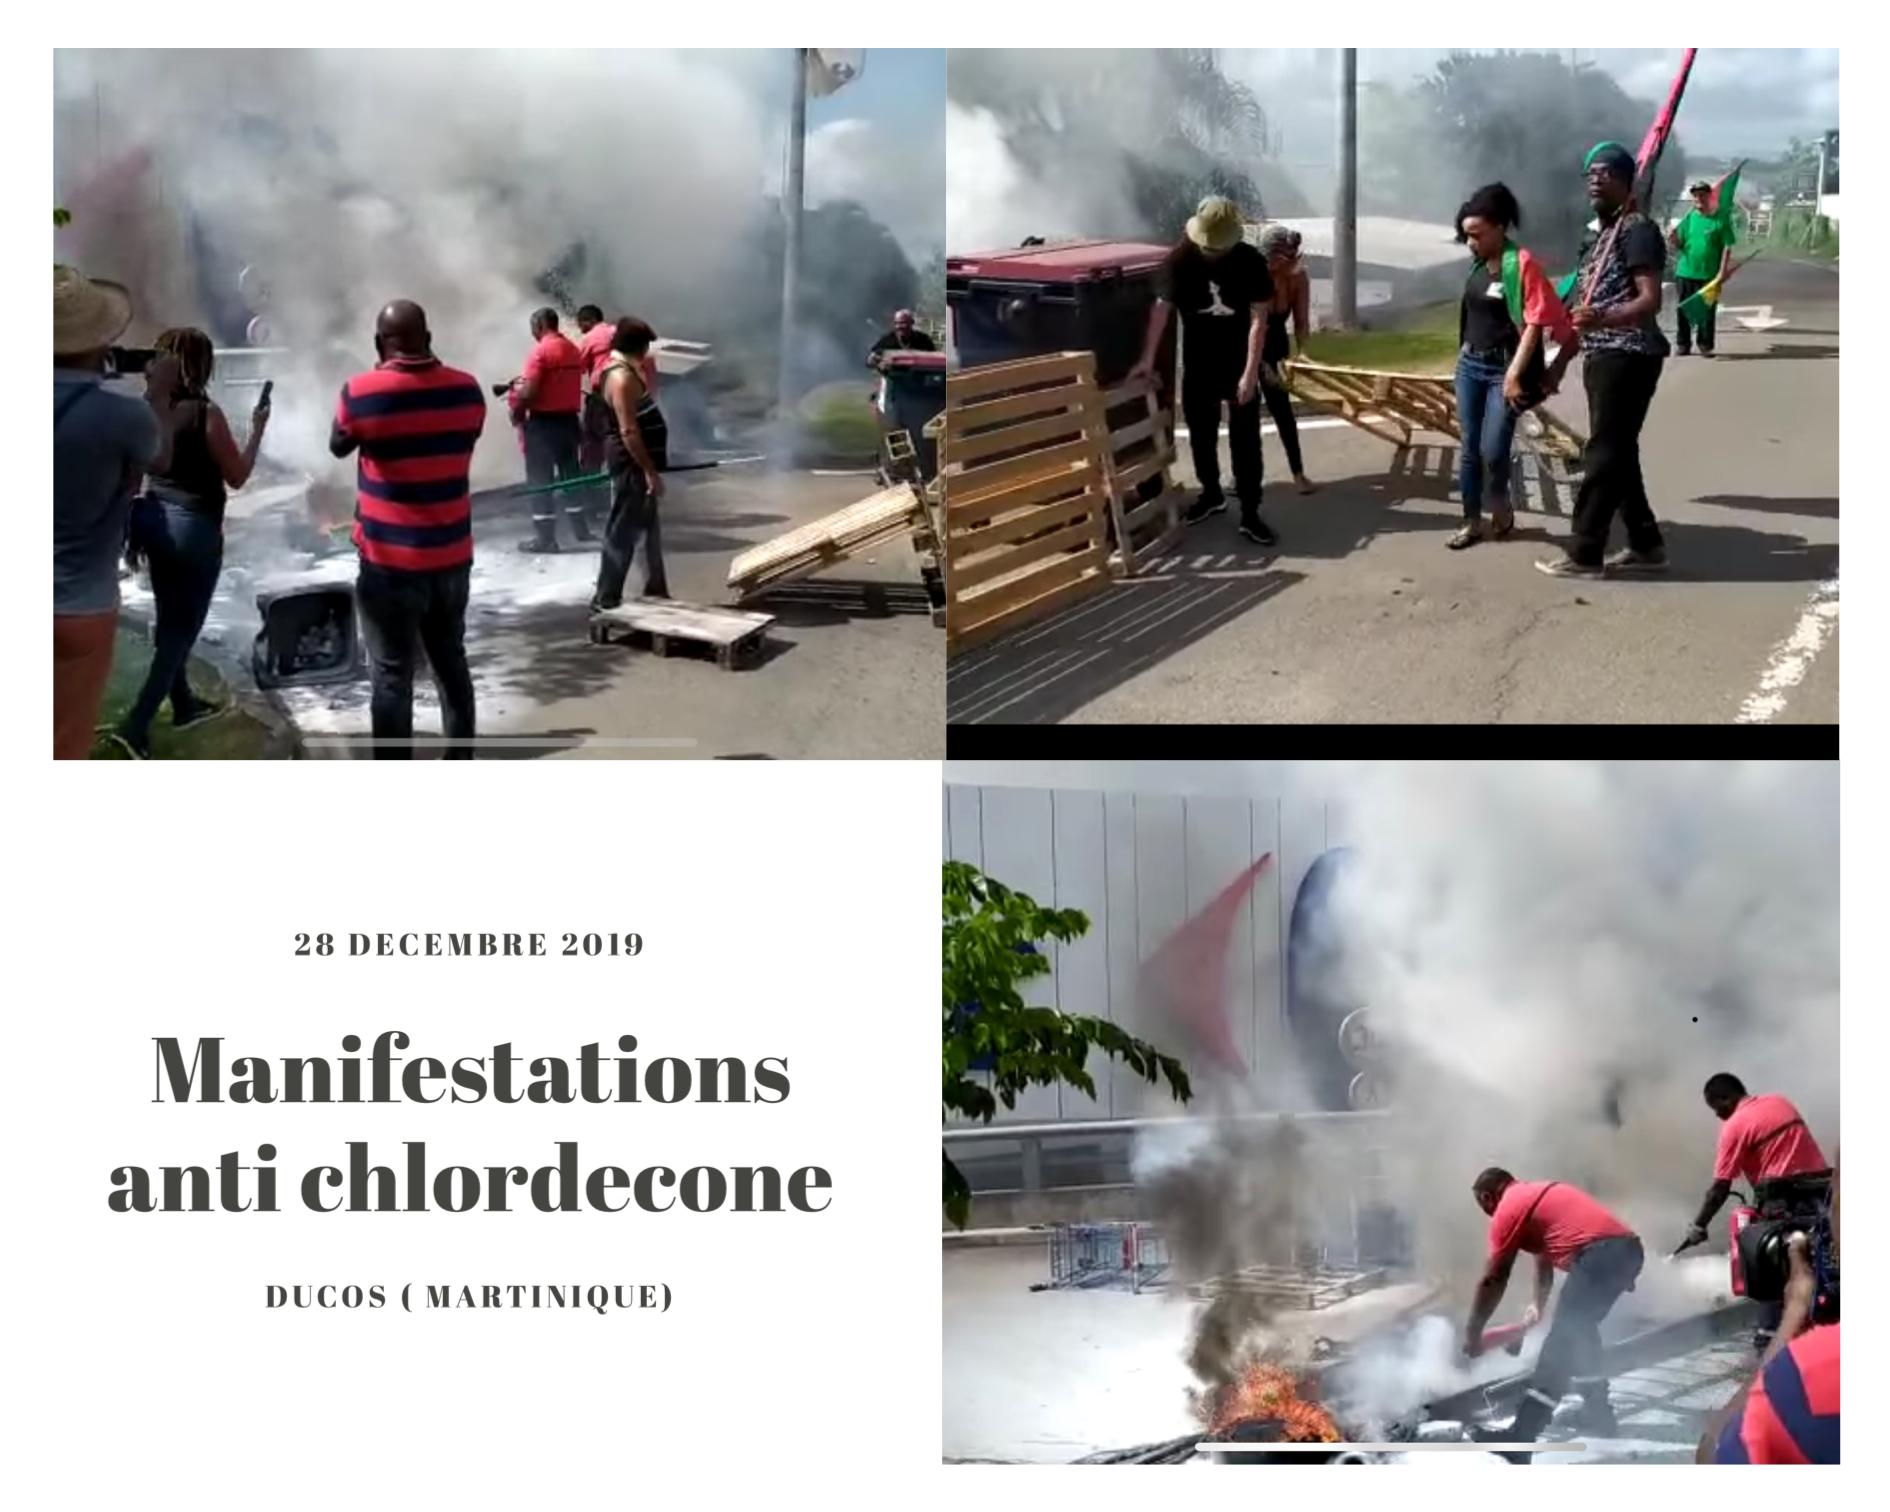 Carrefour Genipa situé dans le sud de la Martinique, était la cible des militants anti chlordécone. (c) Capture d'écran Facebook.